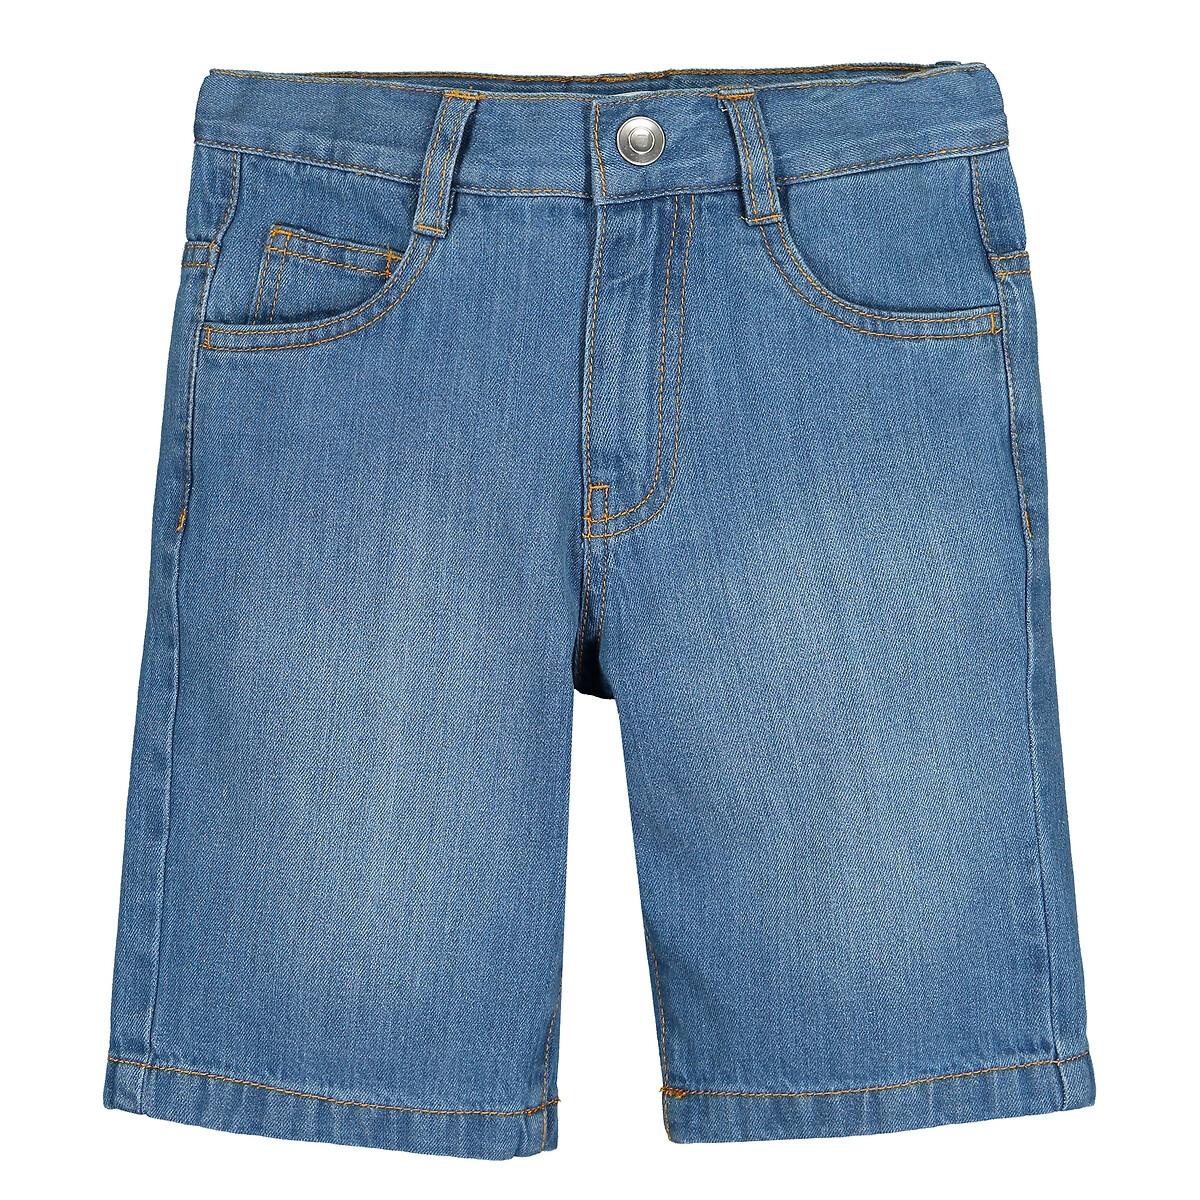 Бермуды La Redoute Из джинсовой ткани 8 синий бермуды la redoute из джинсовой ткани jjirrick jjicon s синий